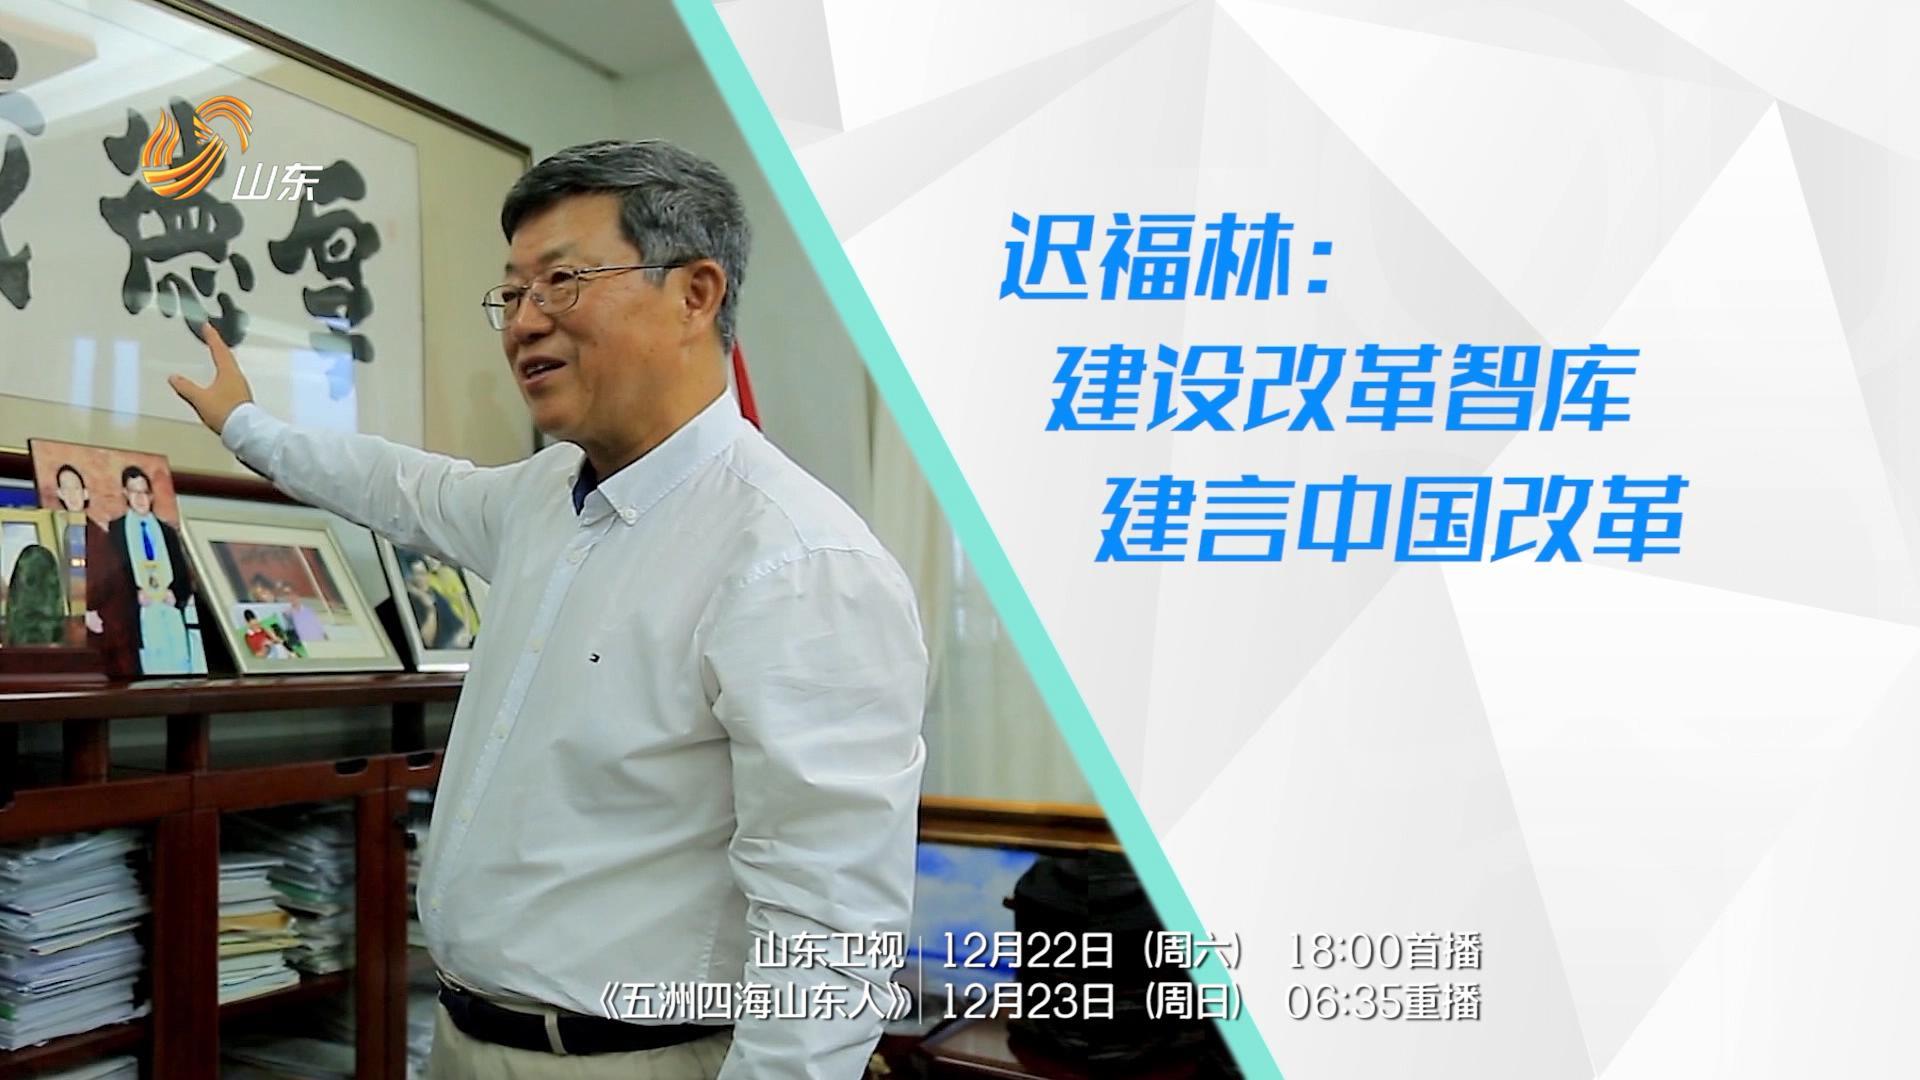 迟福林:建设改革智库 建言中国改革